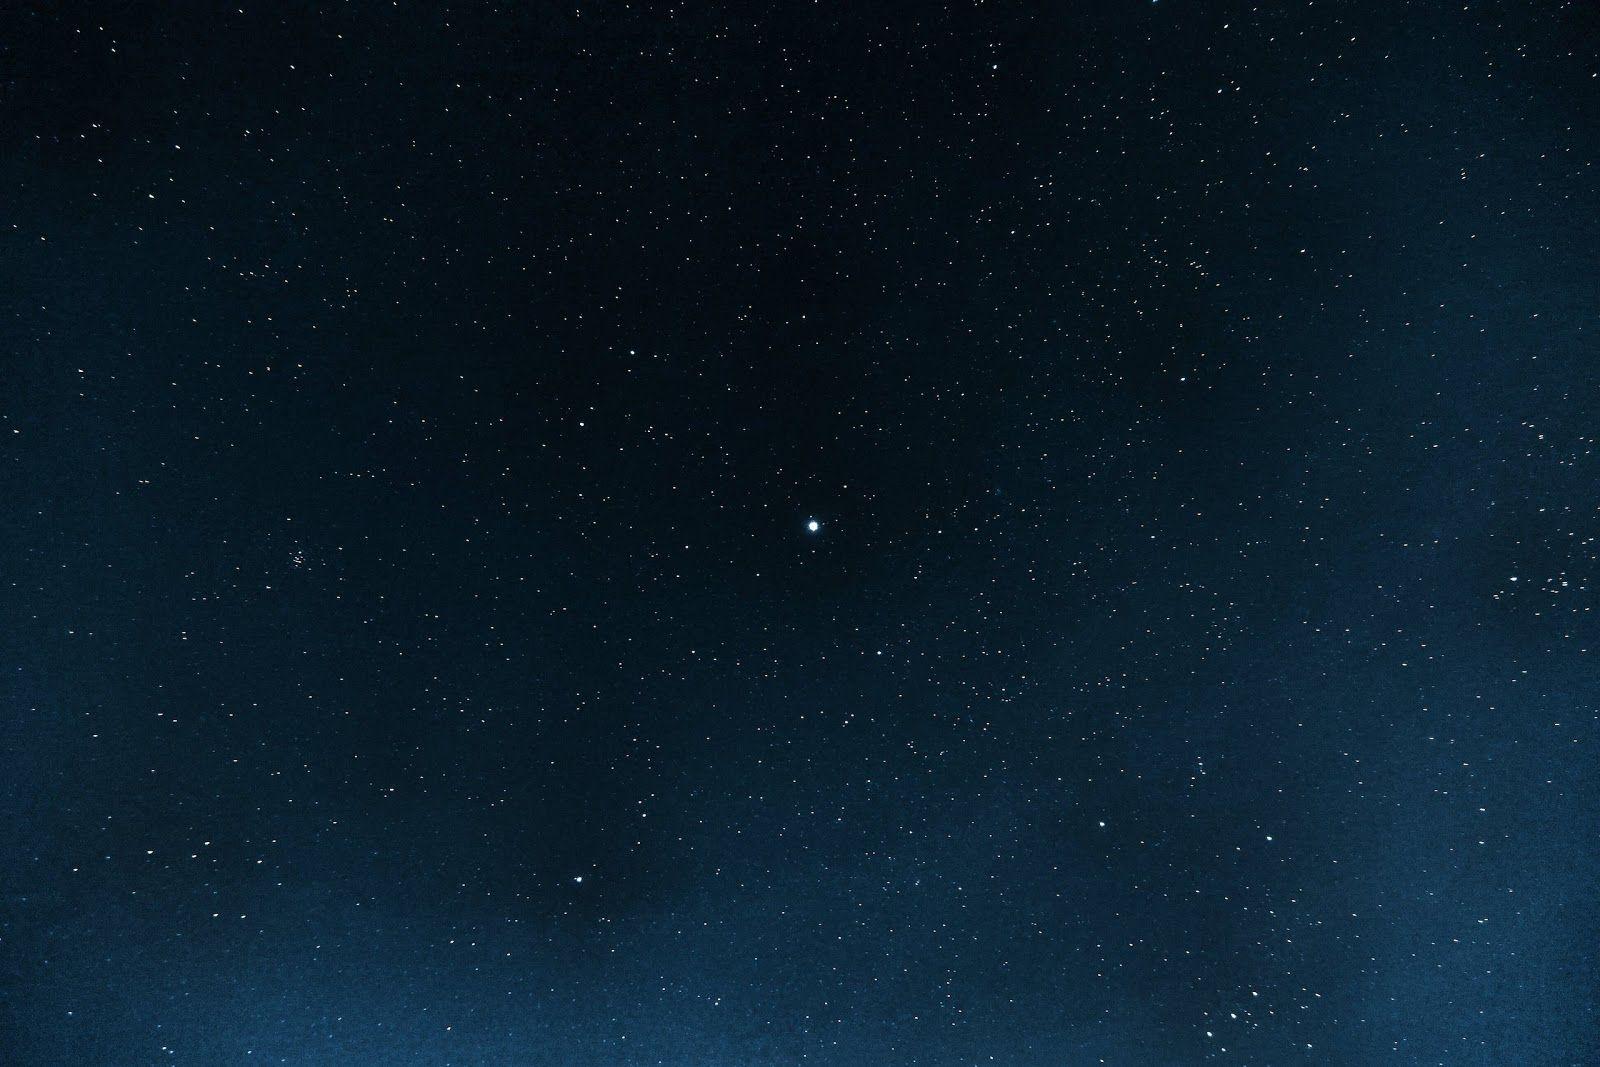 星空 壁紙画像 壁紙 星空 南天